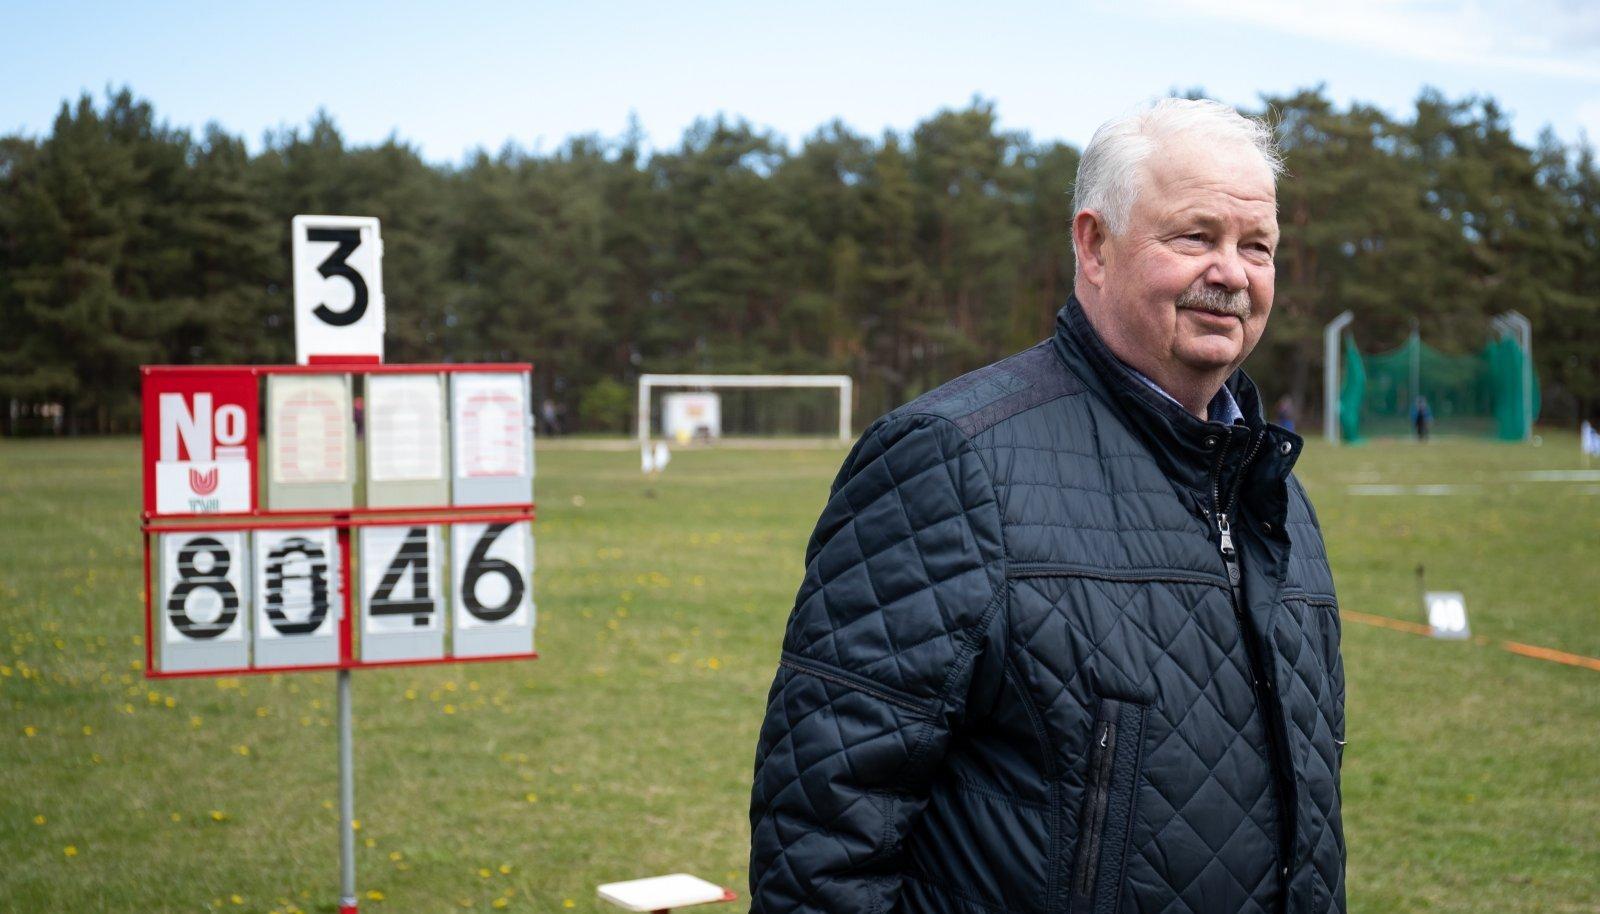 Mullu möödus Jüri Tamme maailmarekordi püstitamisest 40 aastat. Aktiivne mees korraldas toona tähtpäeva tähistamiseks võistluse. Jüri Tamme karikavõistlused peaksid toimuma ka tänavu 2. oktoobril. Kui need toimuvad, siis juba mälestusvõistlusena.